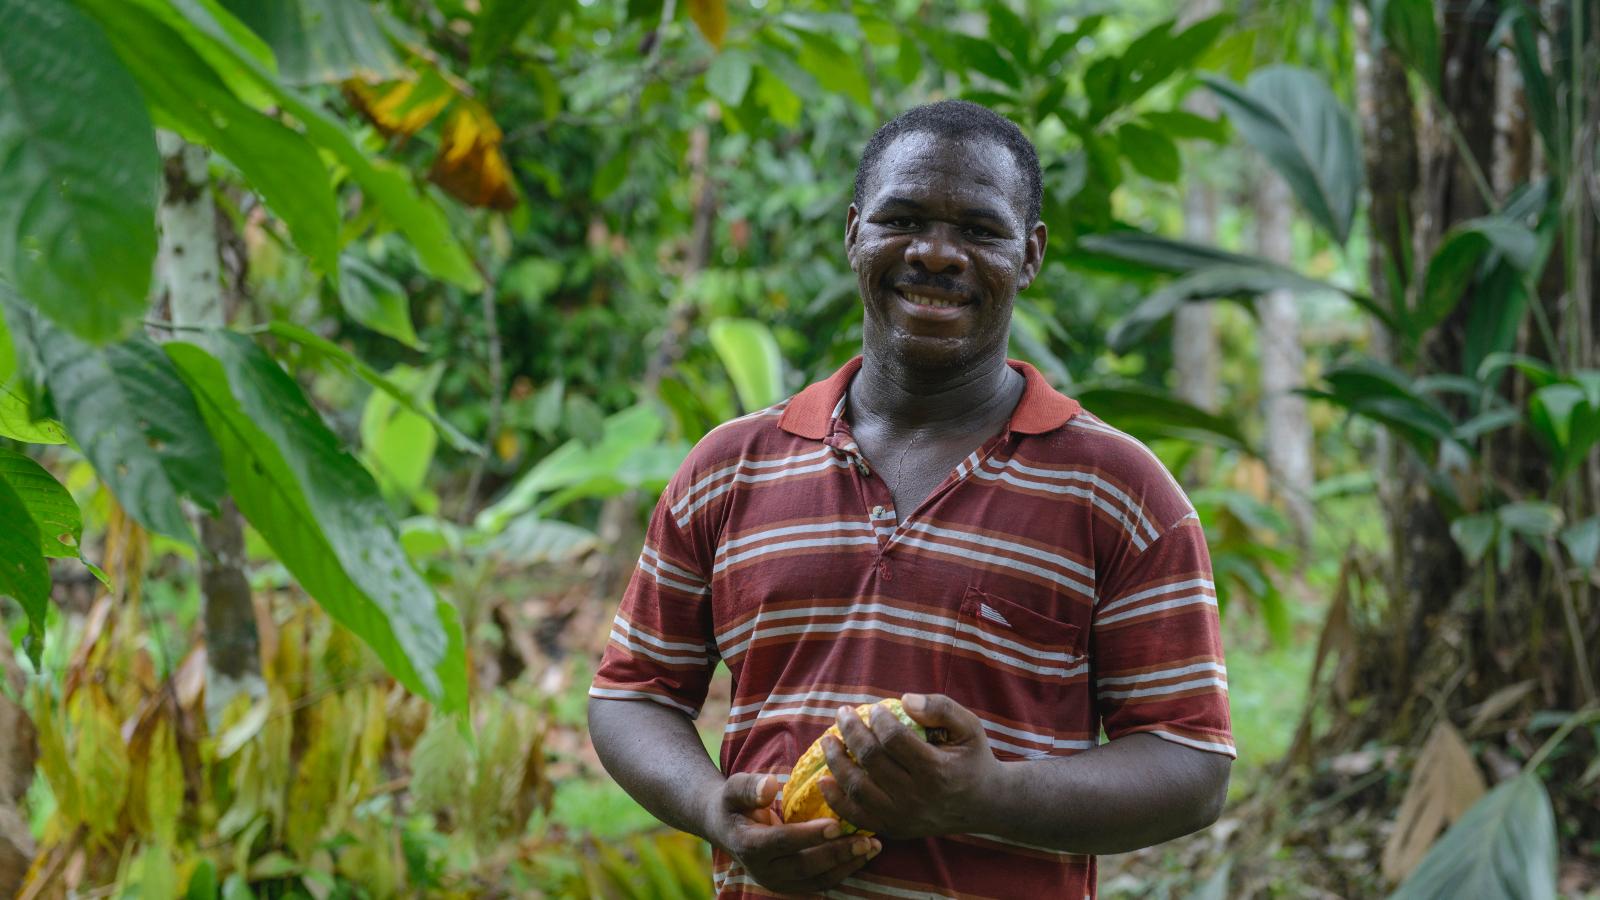 El tumaqueño que endulzó a Tokio con su cacao